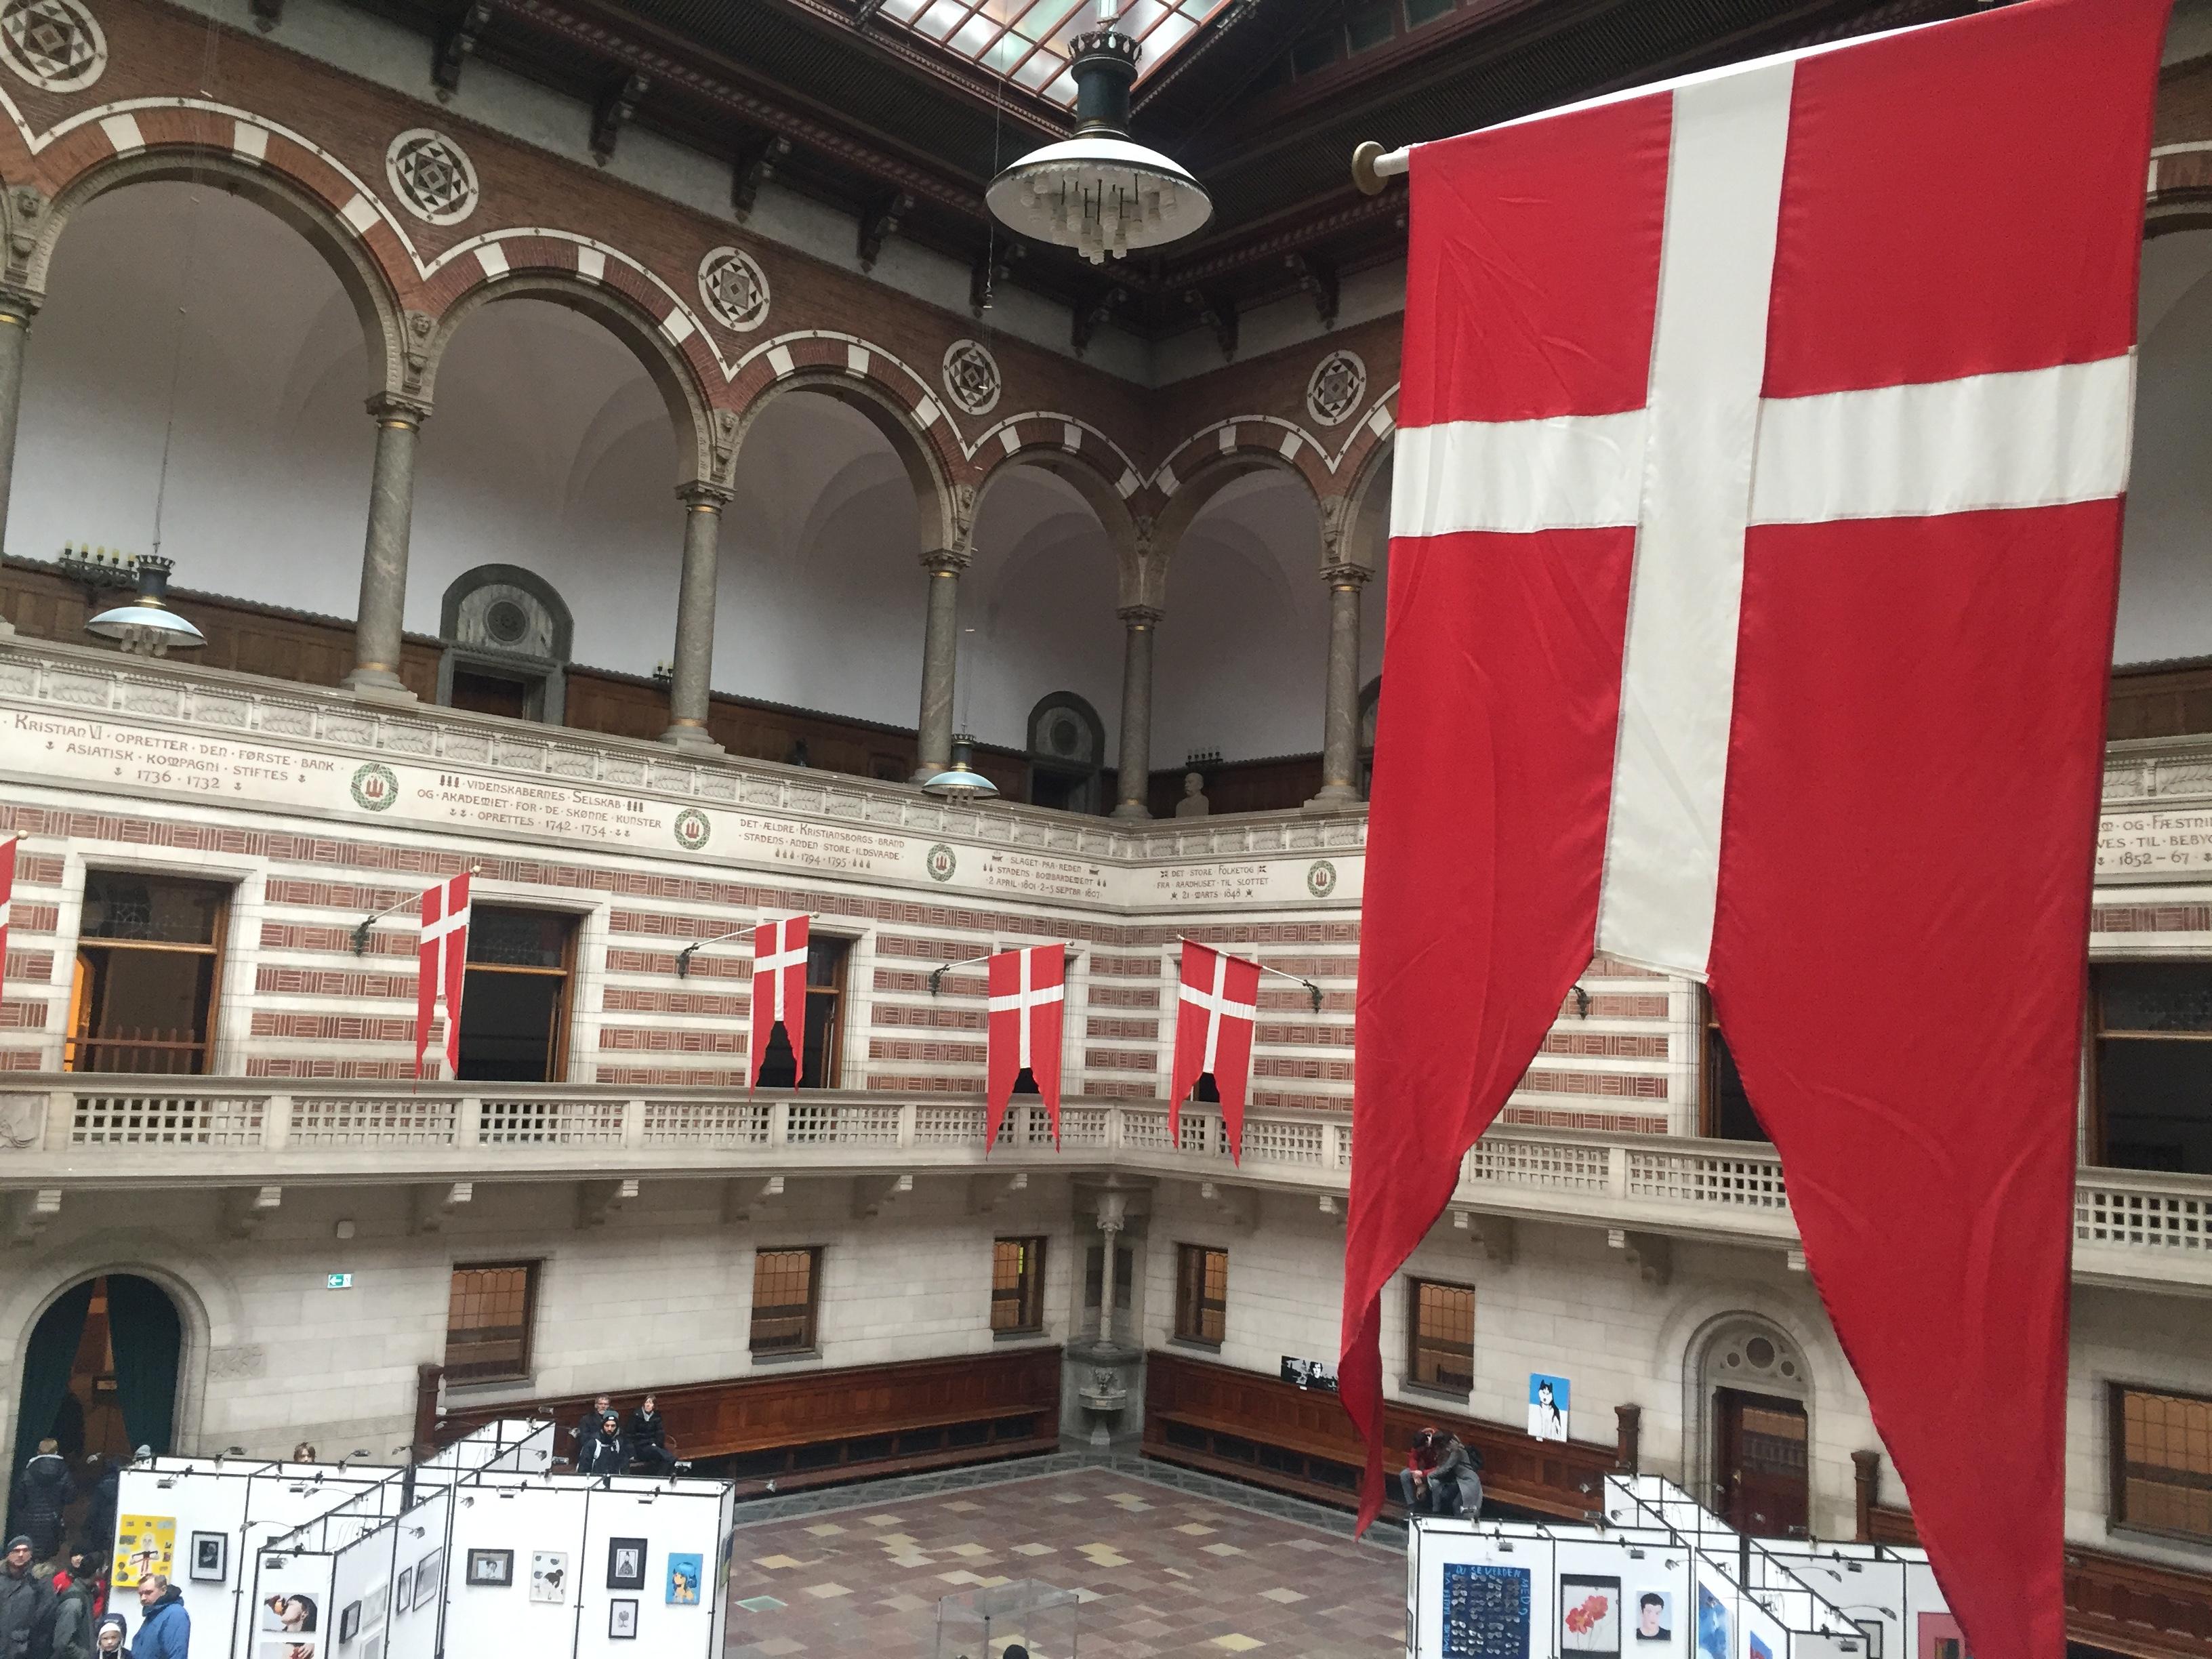 85c23038e6 Consejos y datos prácticos para planificar un viaje a Copenhague ...